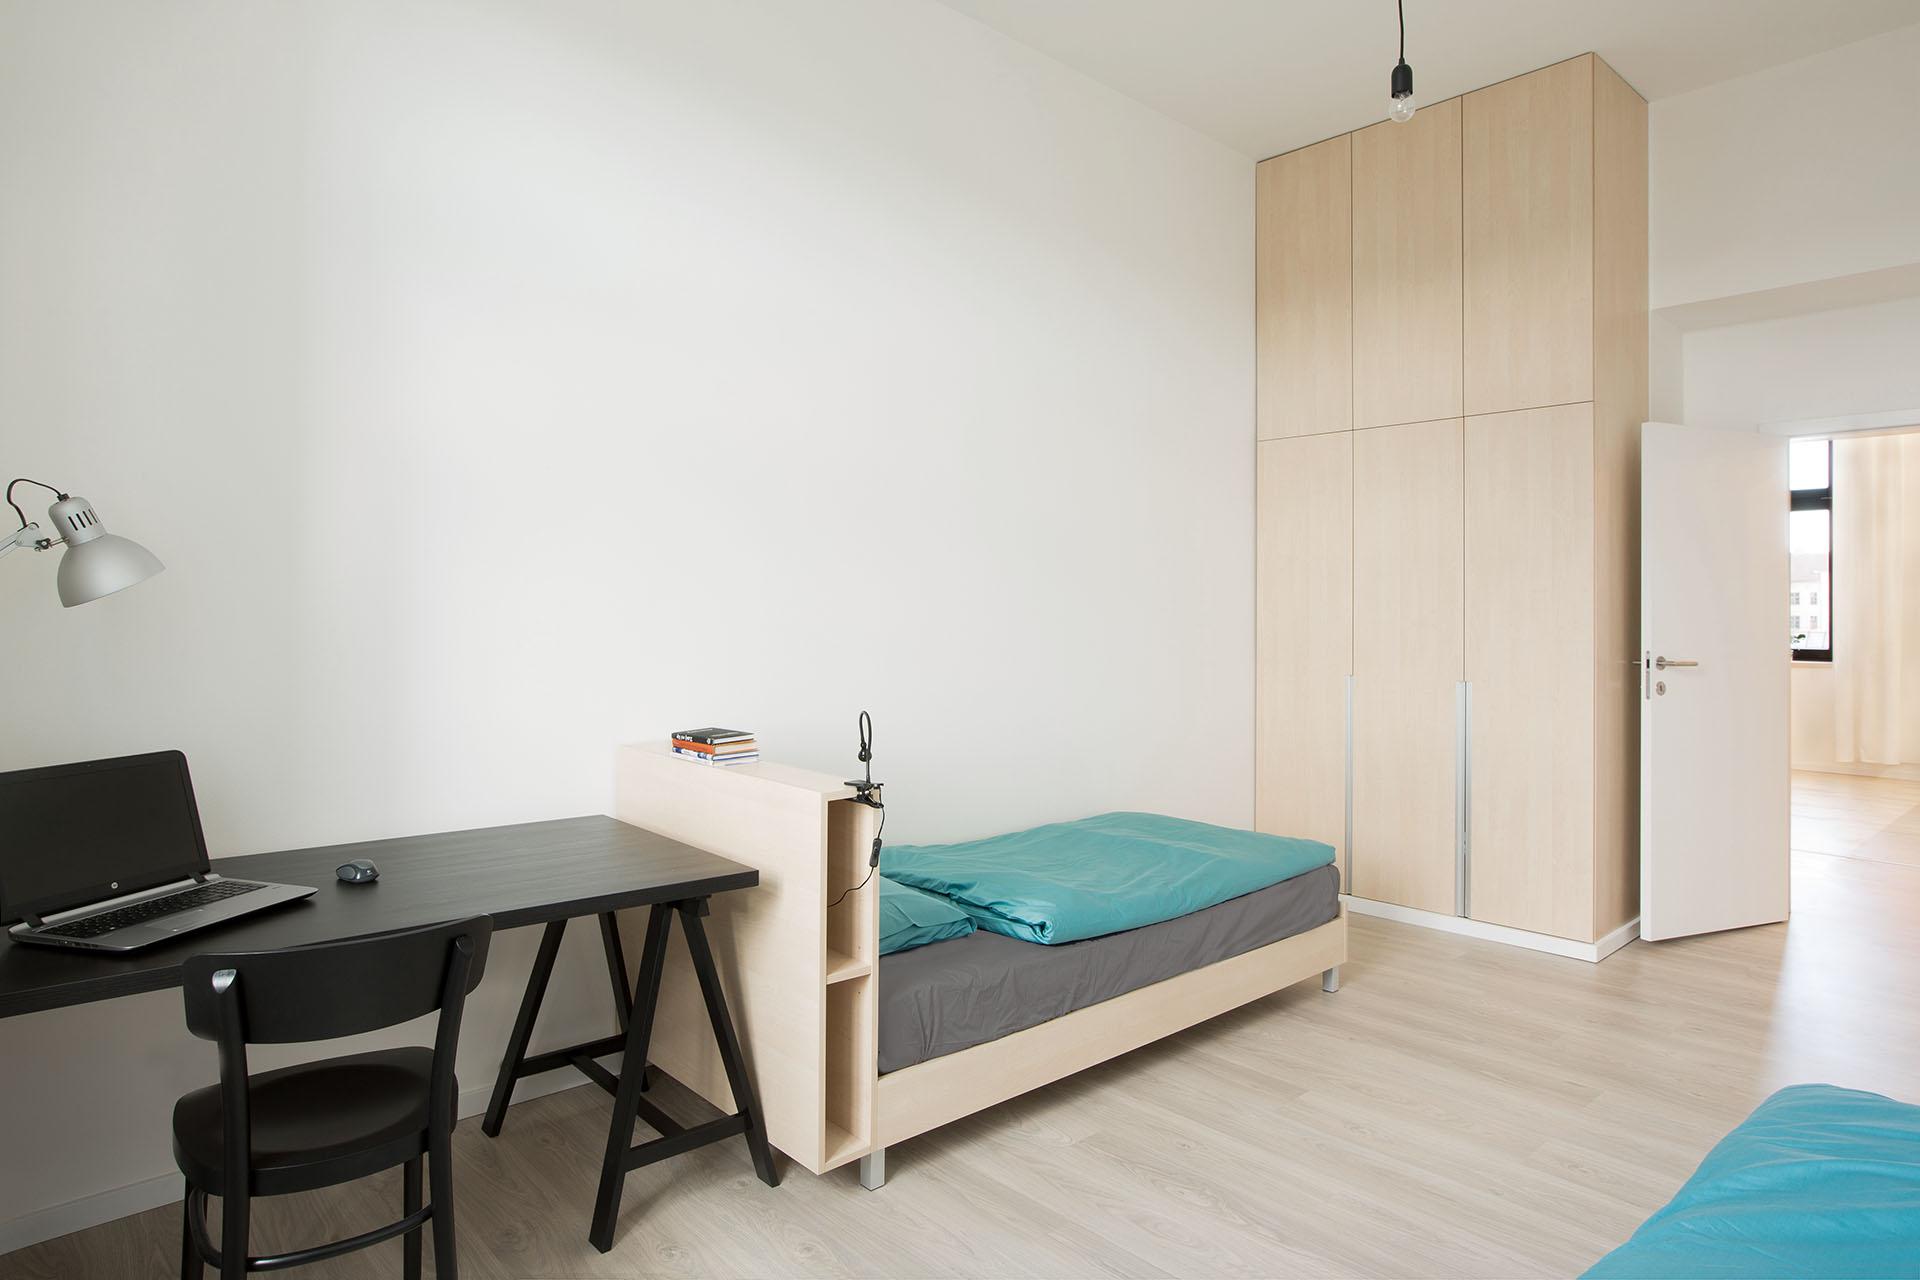 Pokoj pro hosty s postelí a šatní skříní